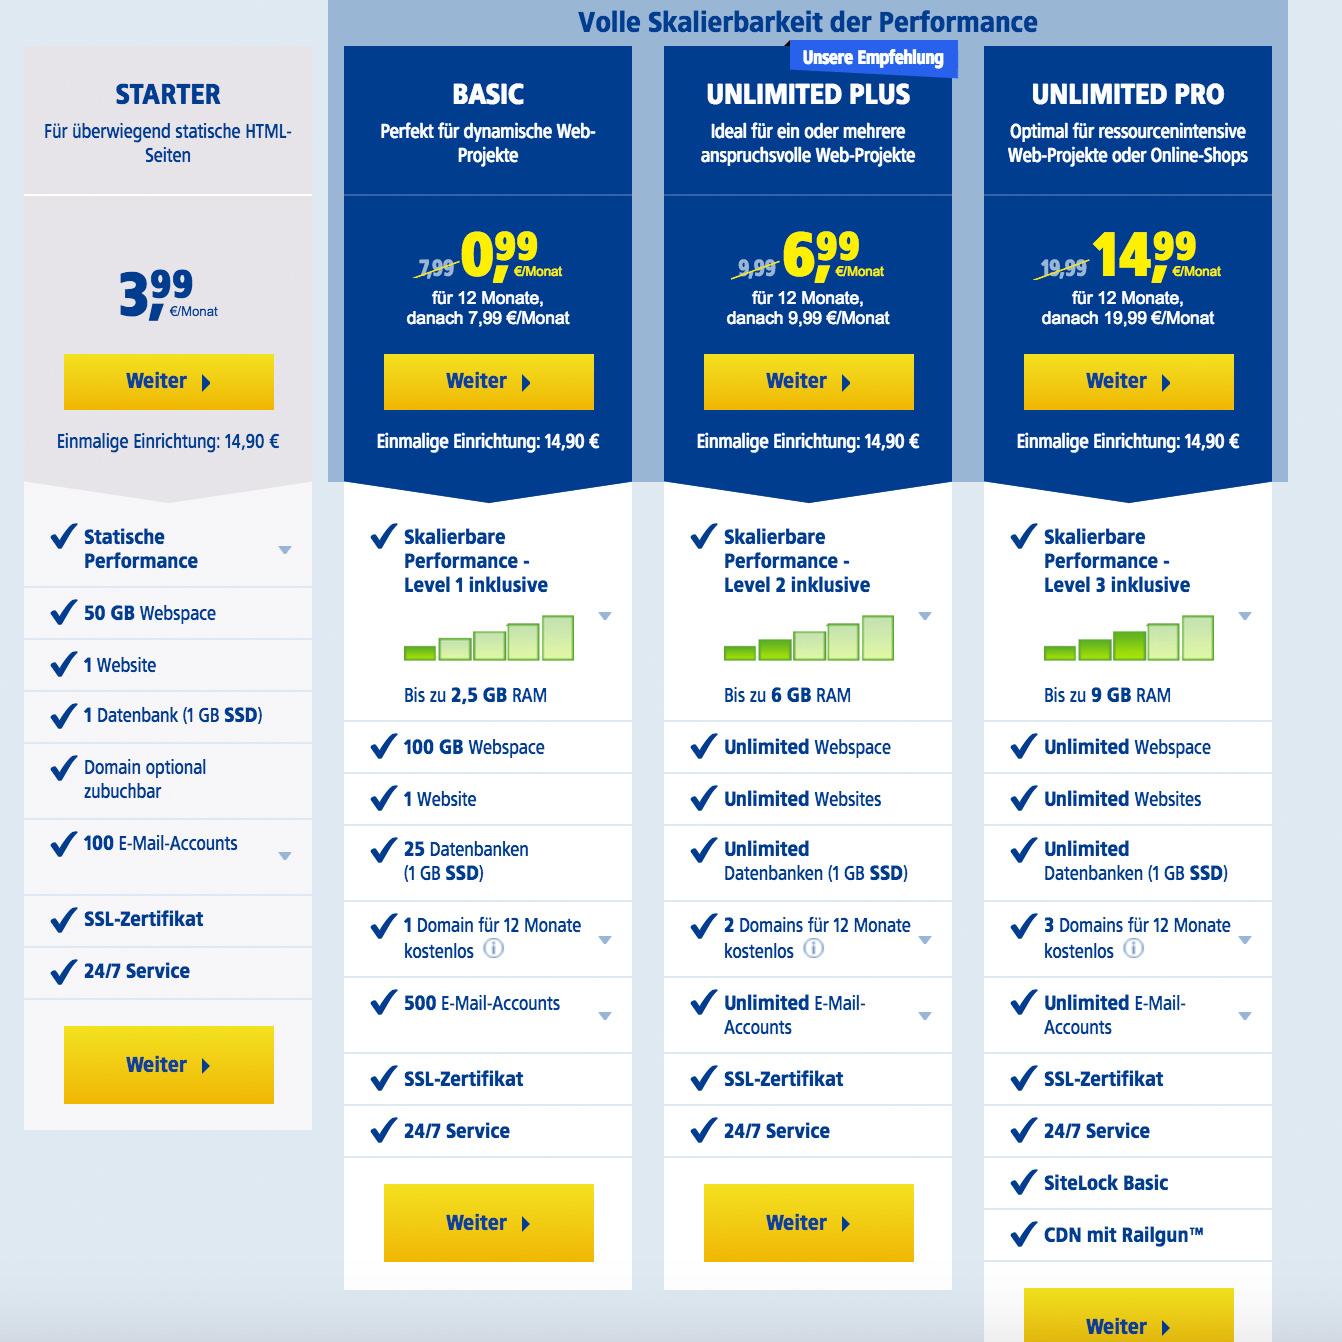 Schauspieler*in Website - vergleiche Webhostanbieter und wähle das passende Produkt für dich aus